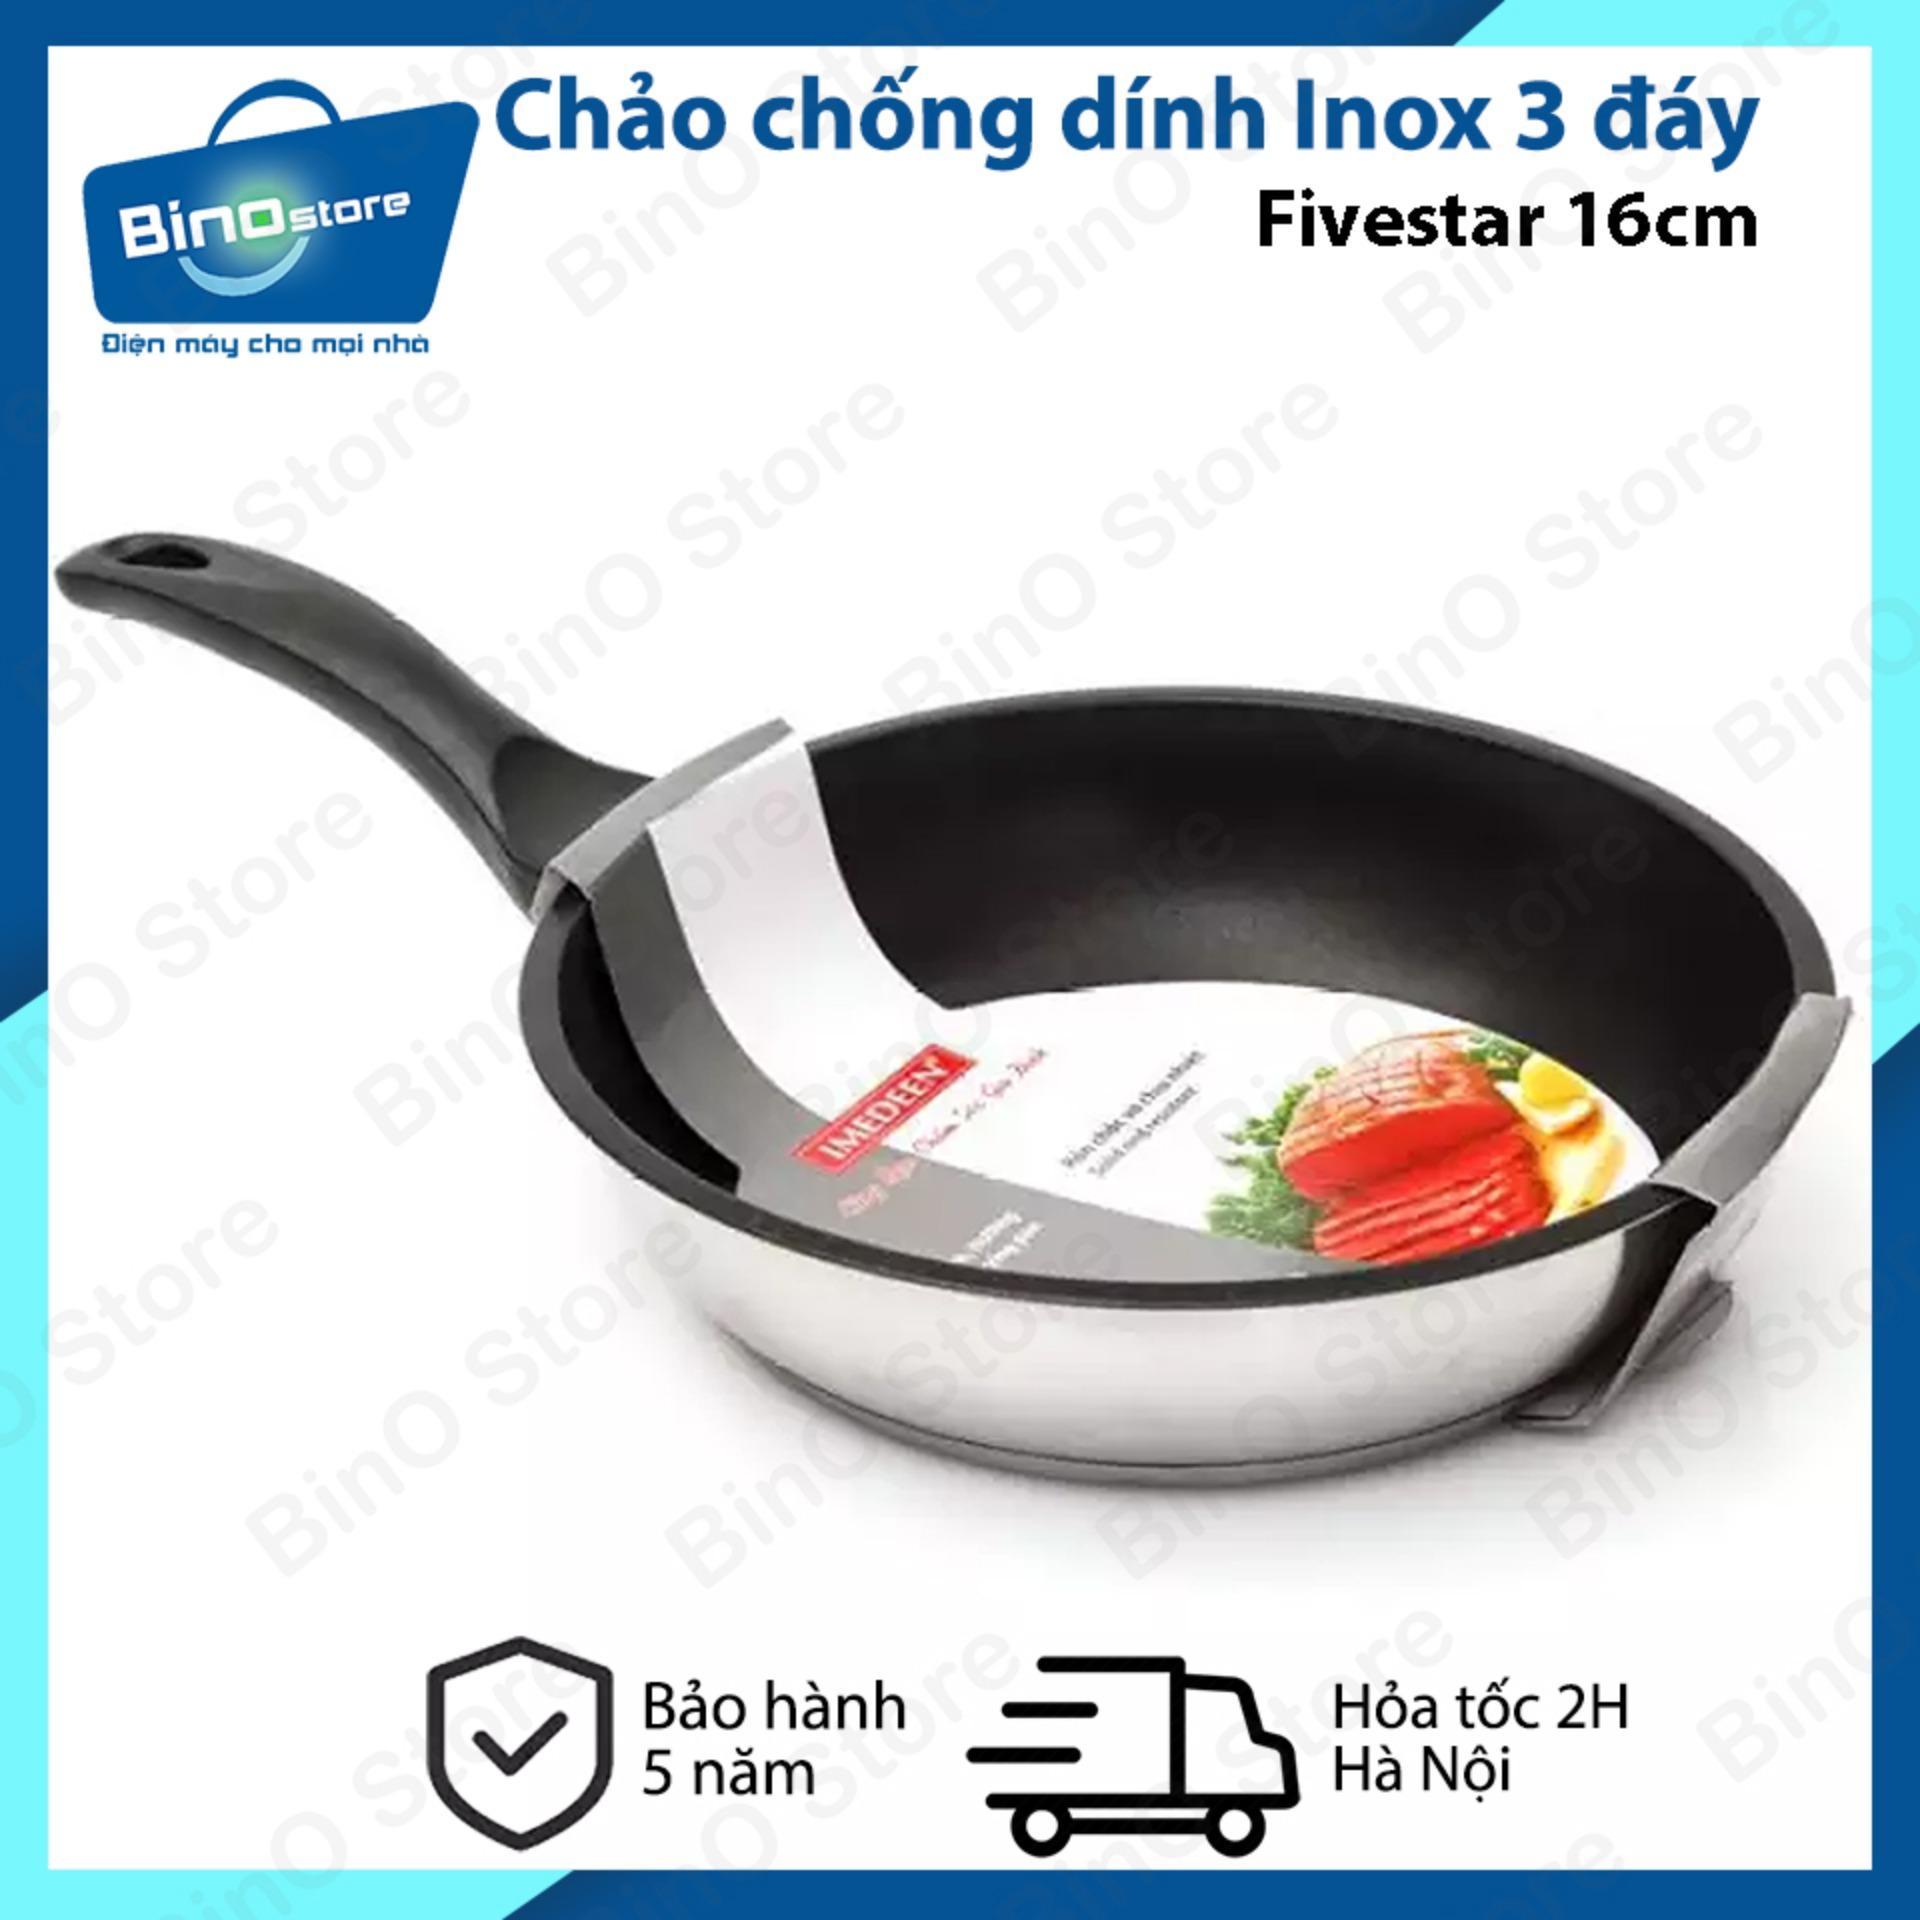 Chảo chống dính Inox 3 đáy Fivestar 16cm dùng bếp...